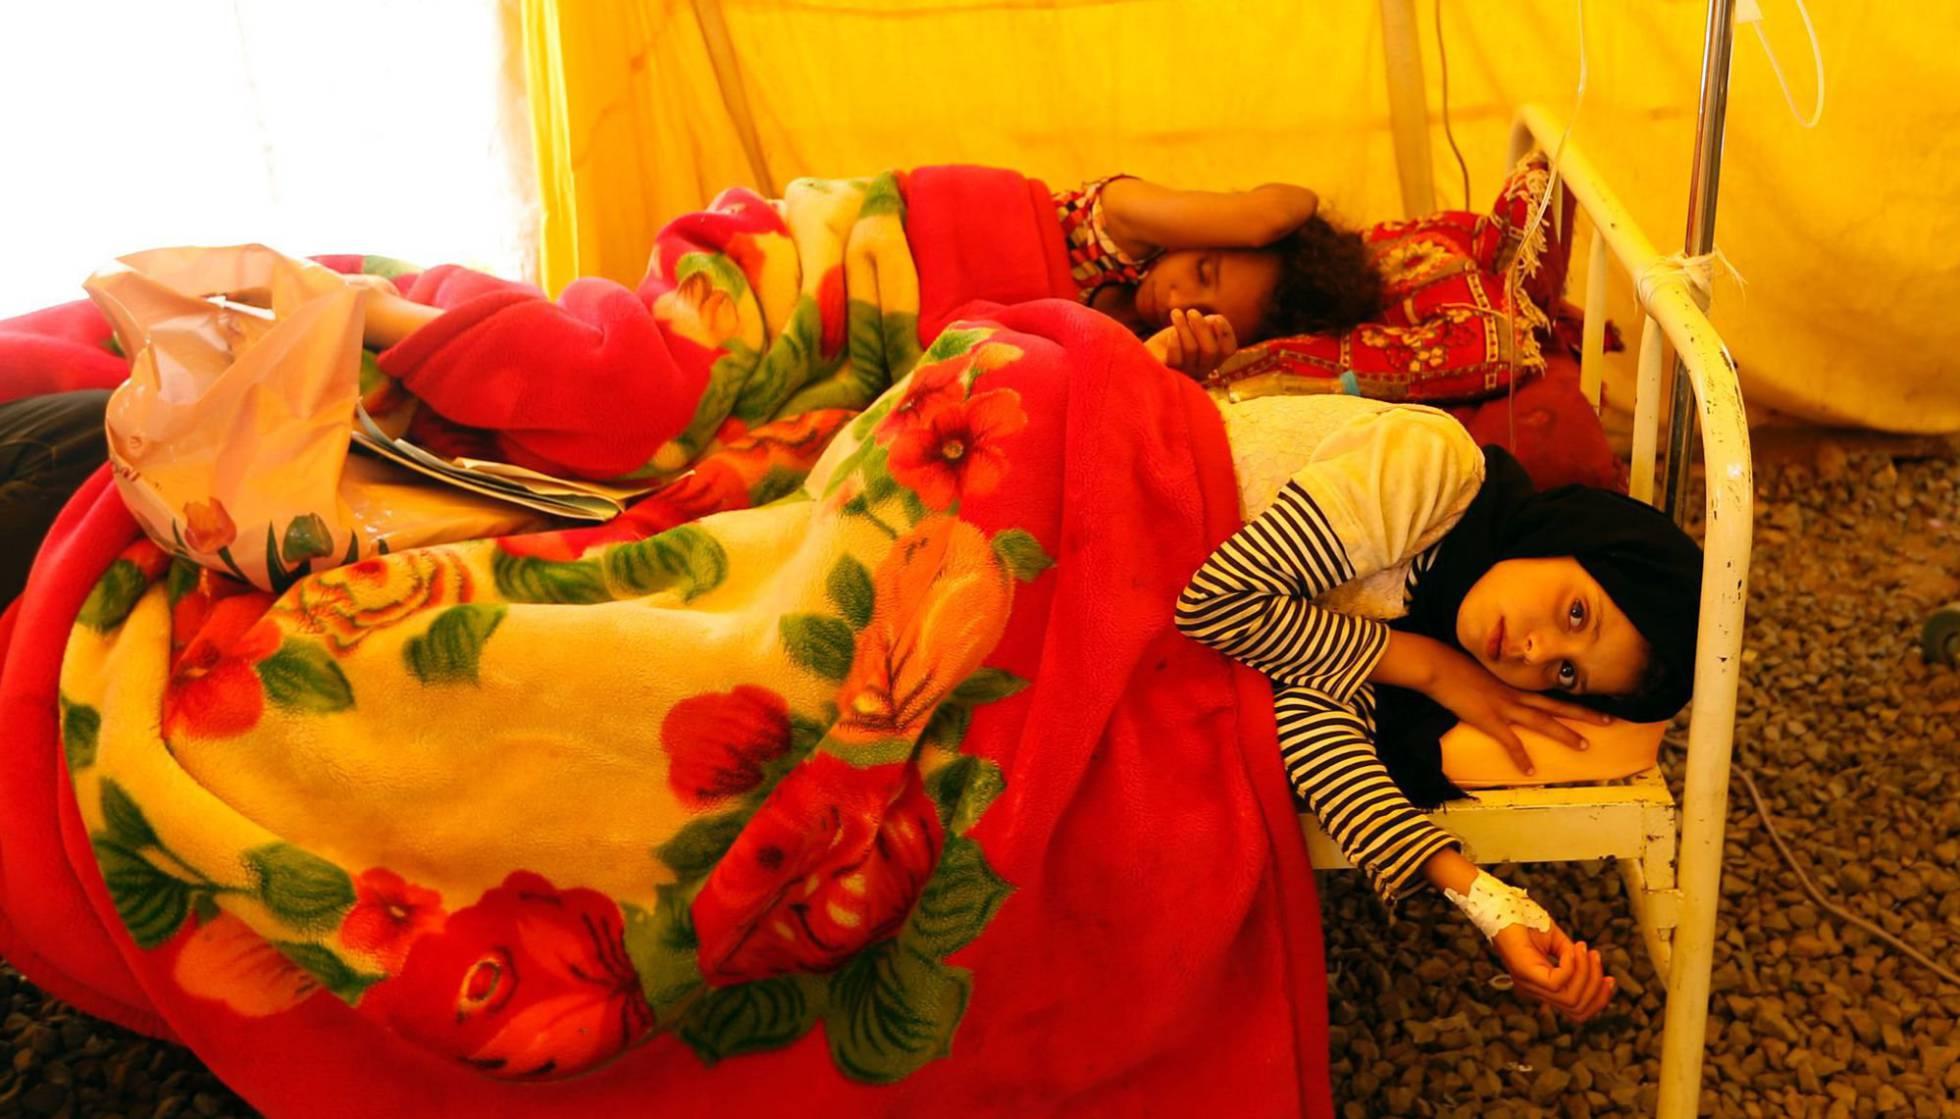 Conflicto en Yemen - Página 8 1497977120_762763_1497979990_noticia_normal_recorte1